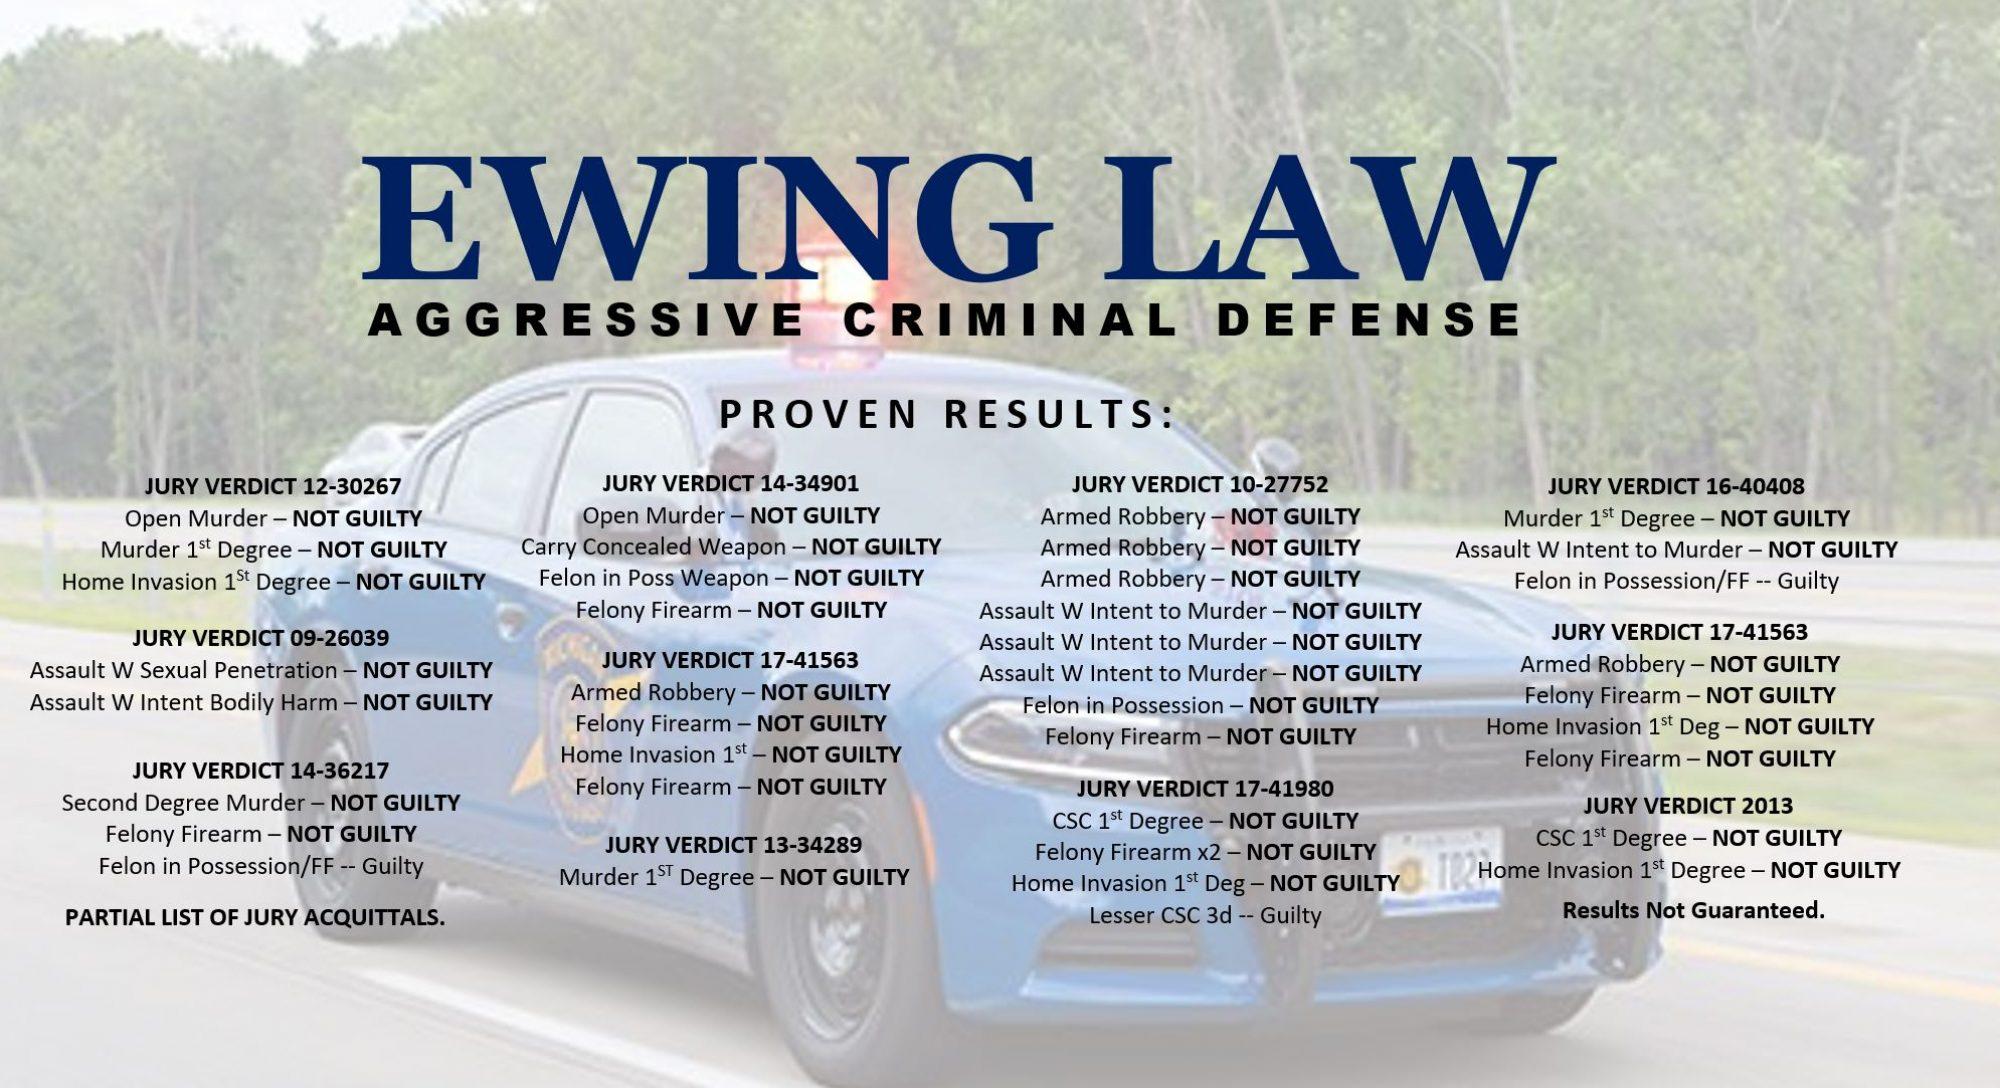 EWING LAW CRIMINAL DEFENSE